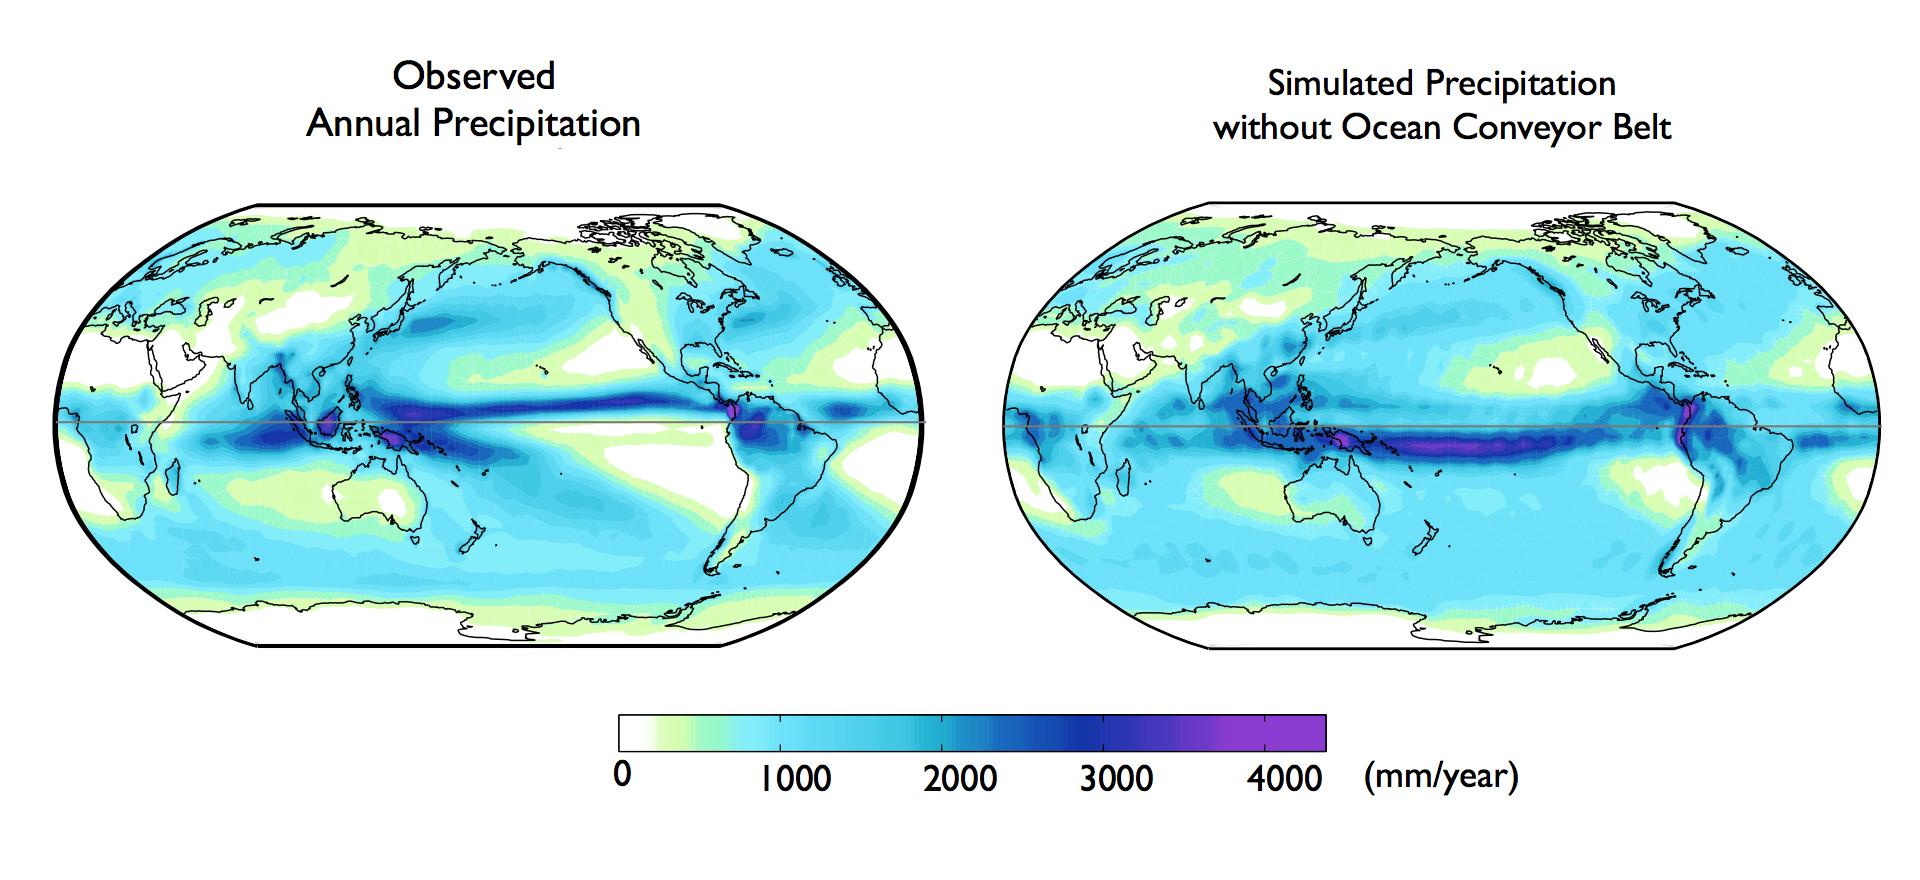 Le correnti oceaniche spiegano perché l'emisfero boreale è il più piovoso